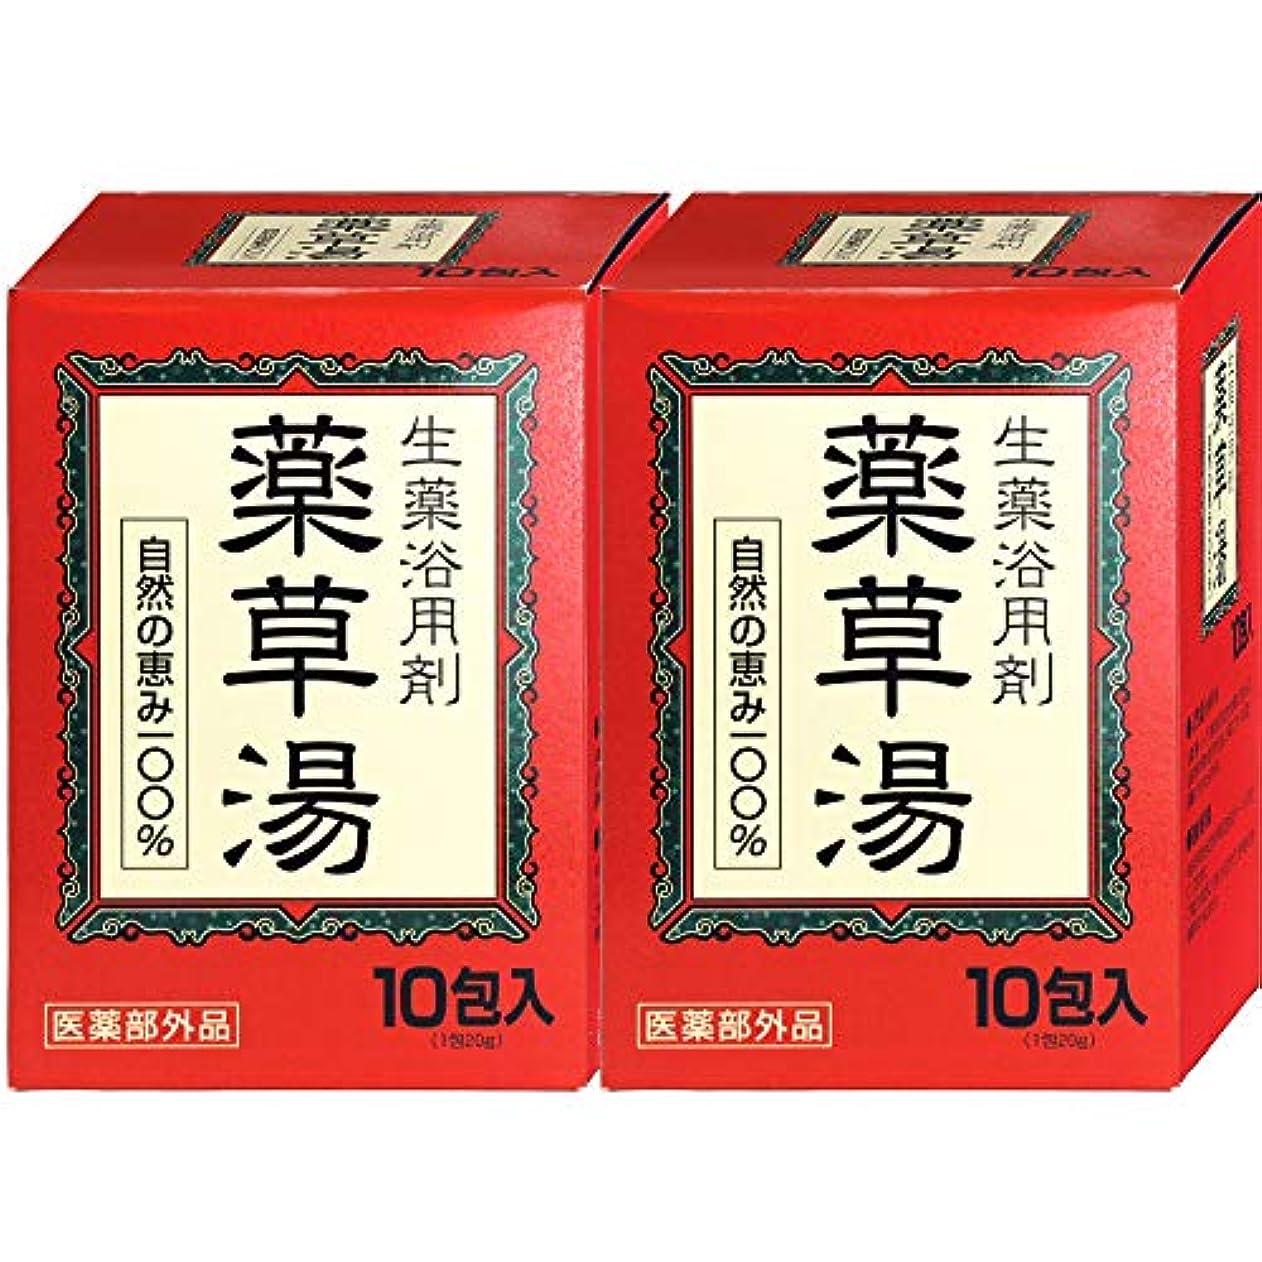 リダクター決定的政権薬草湯 生薬浴用剤 10包入 【2個セット】自然の恵み100% 医薬部外品